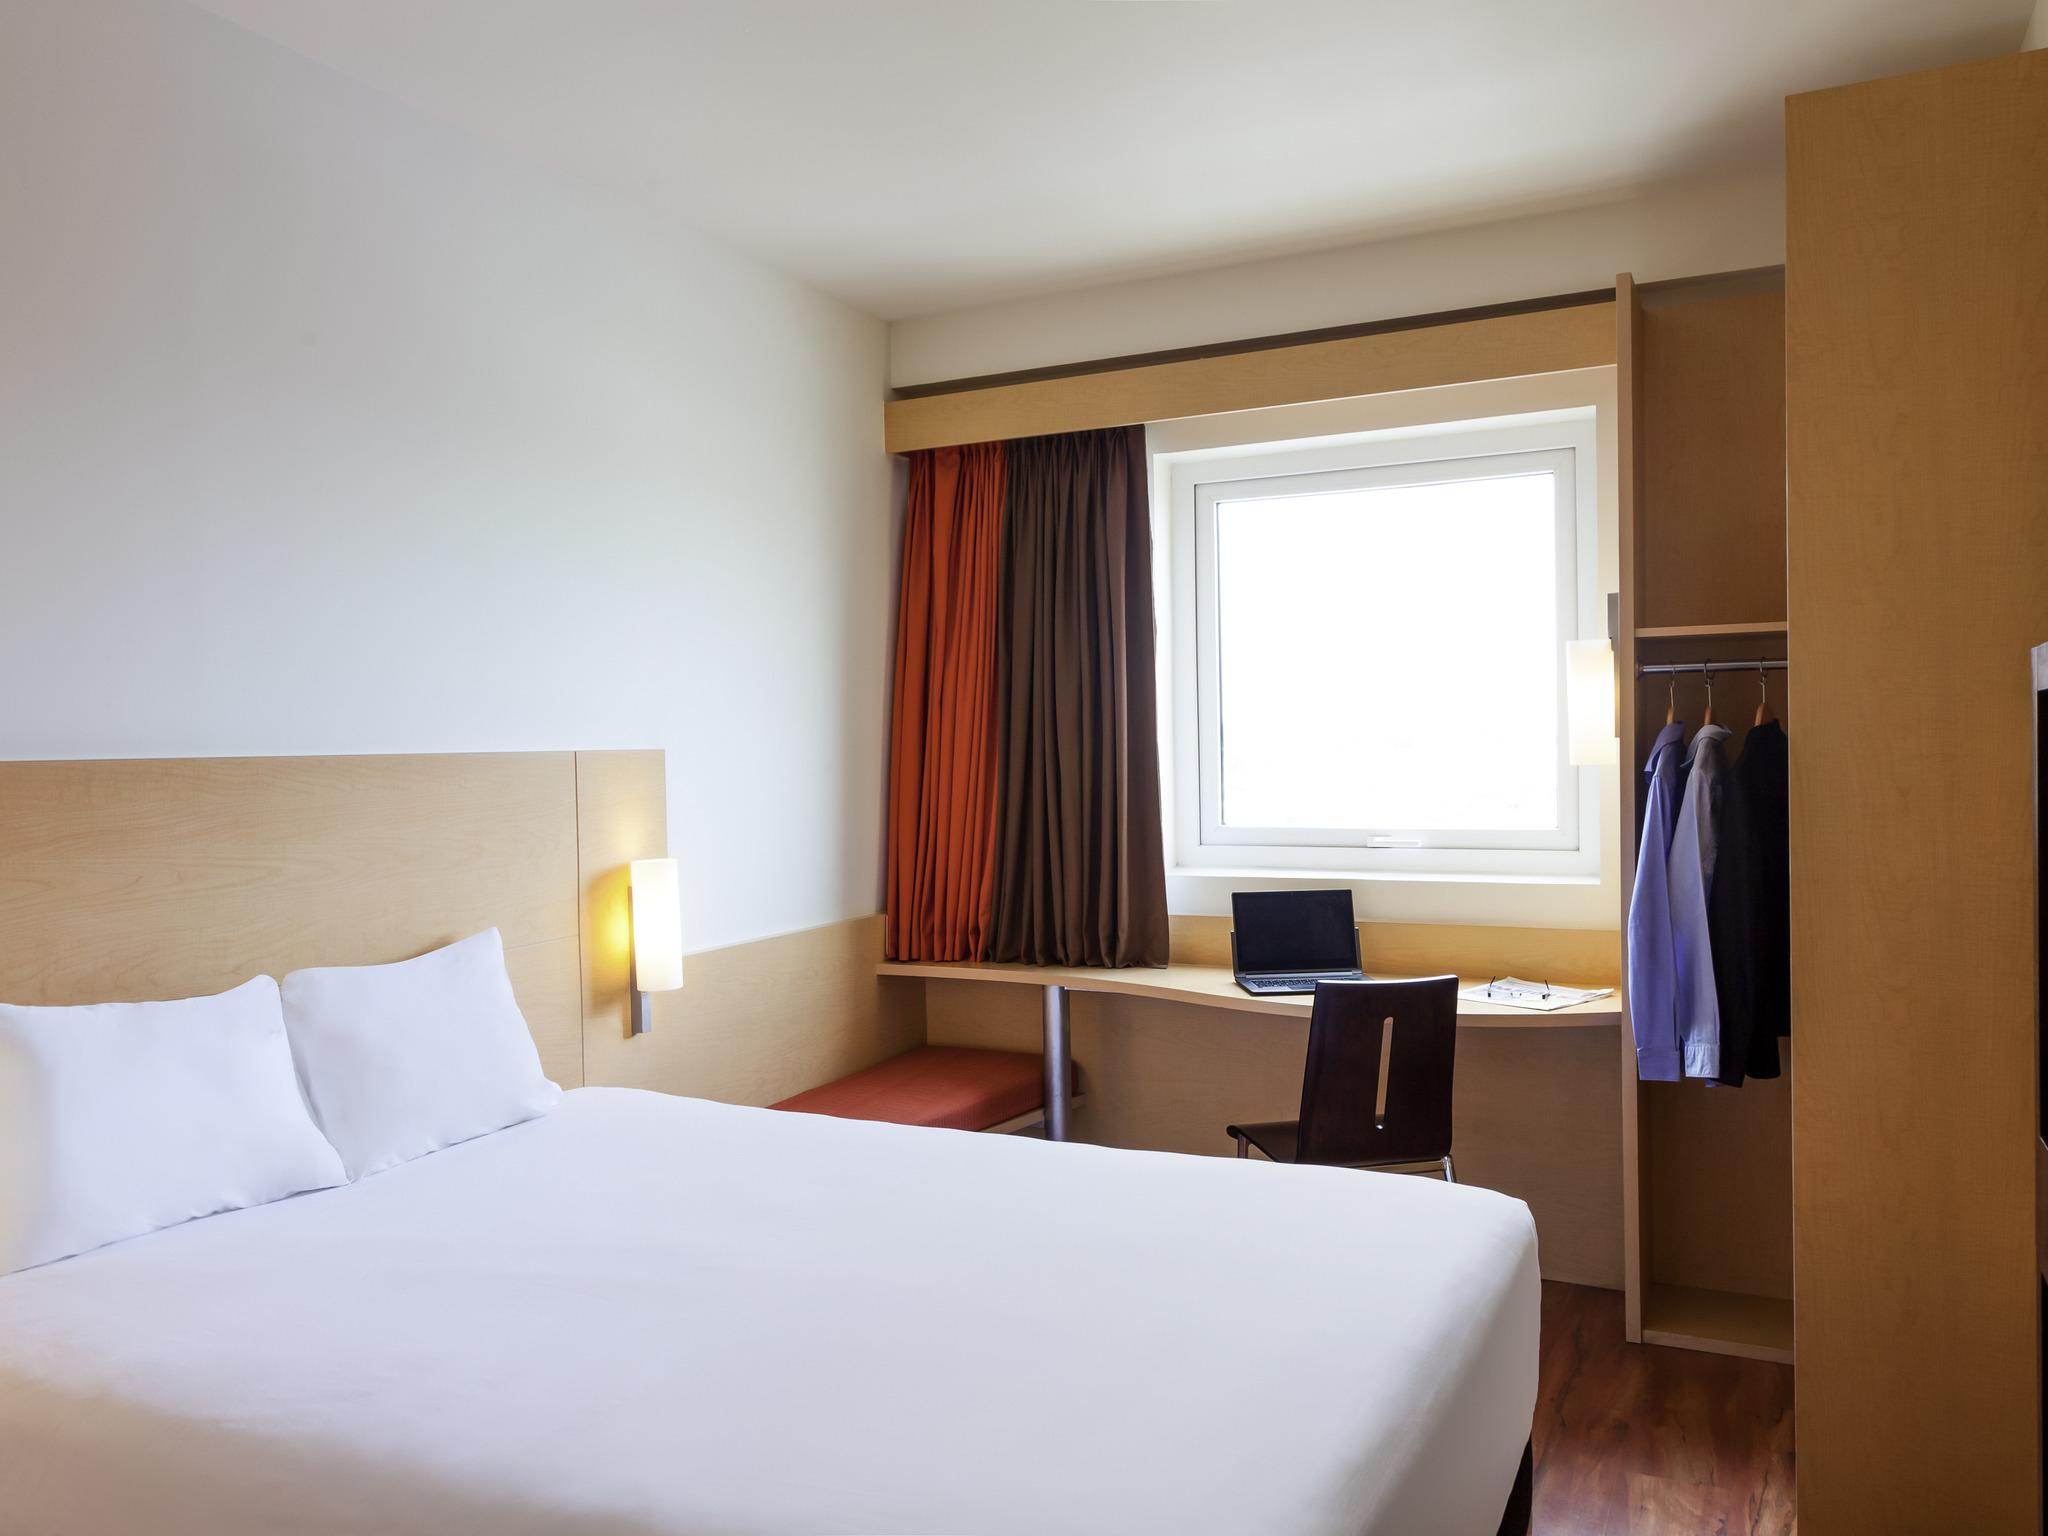 酒店 – 宜必思埃莫西约酒店